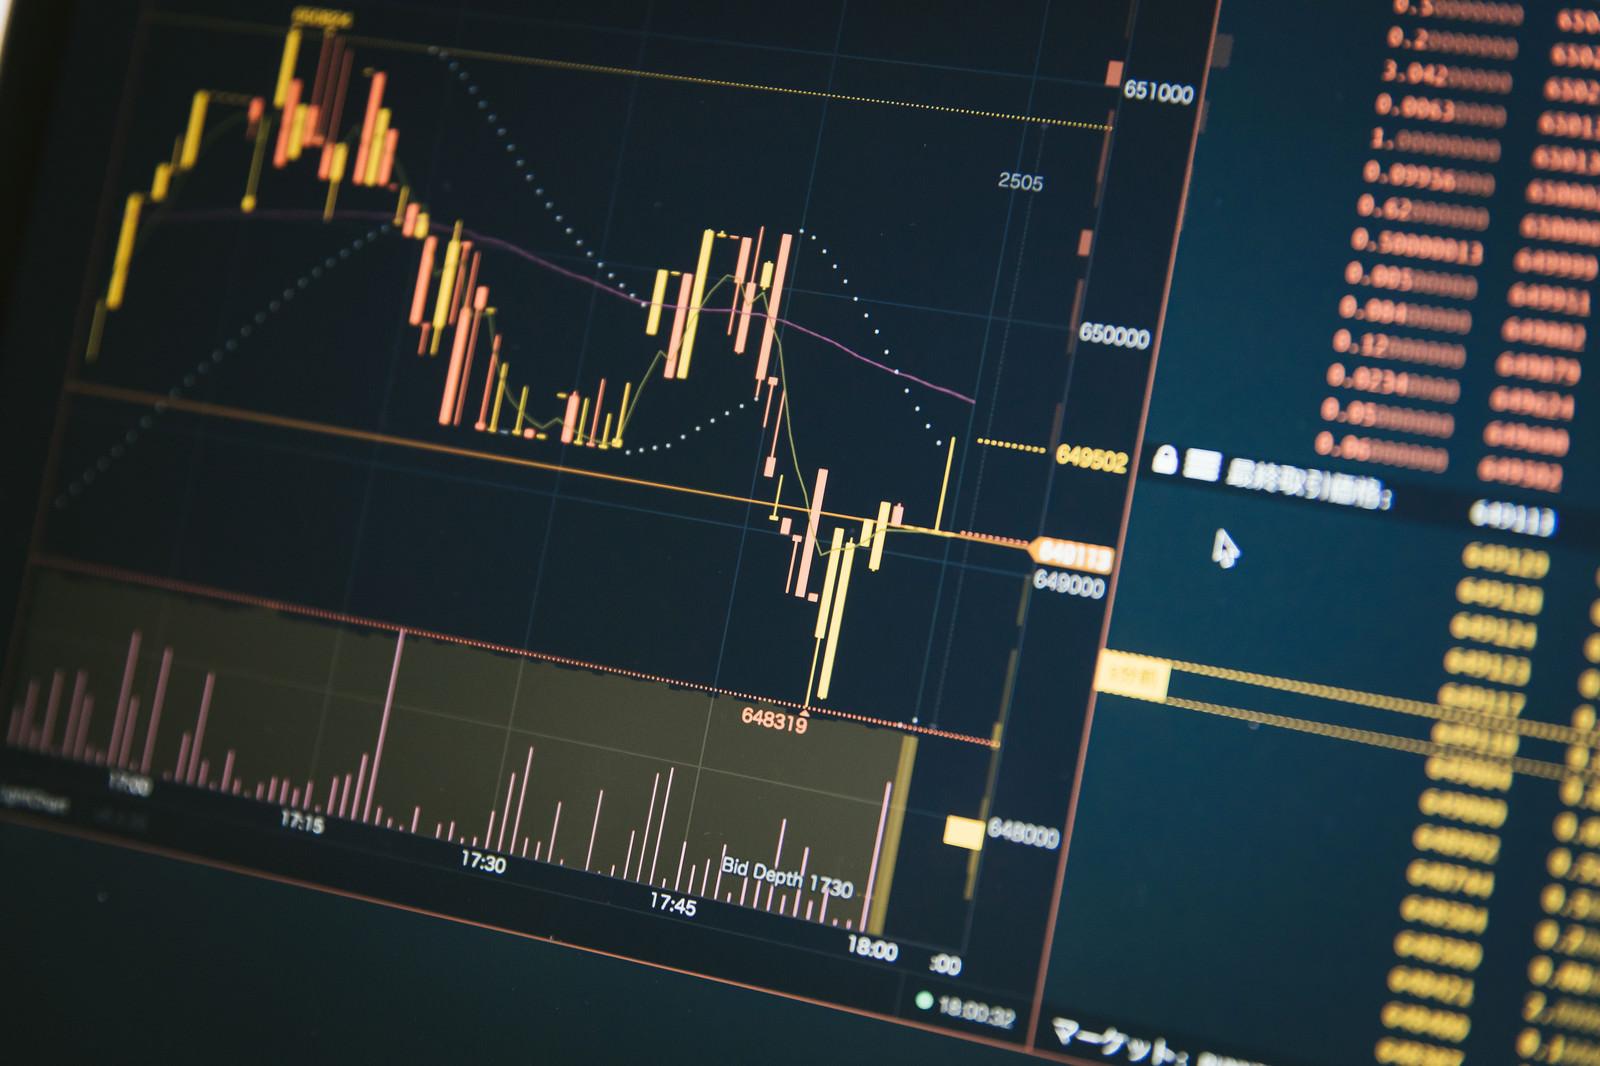 「仮想通貨のチャート」の写真